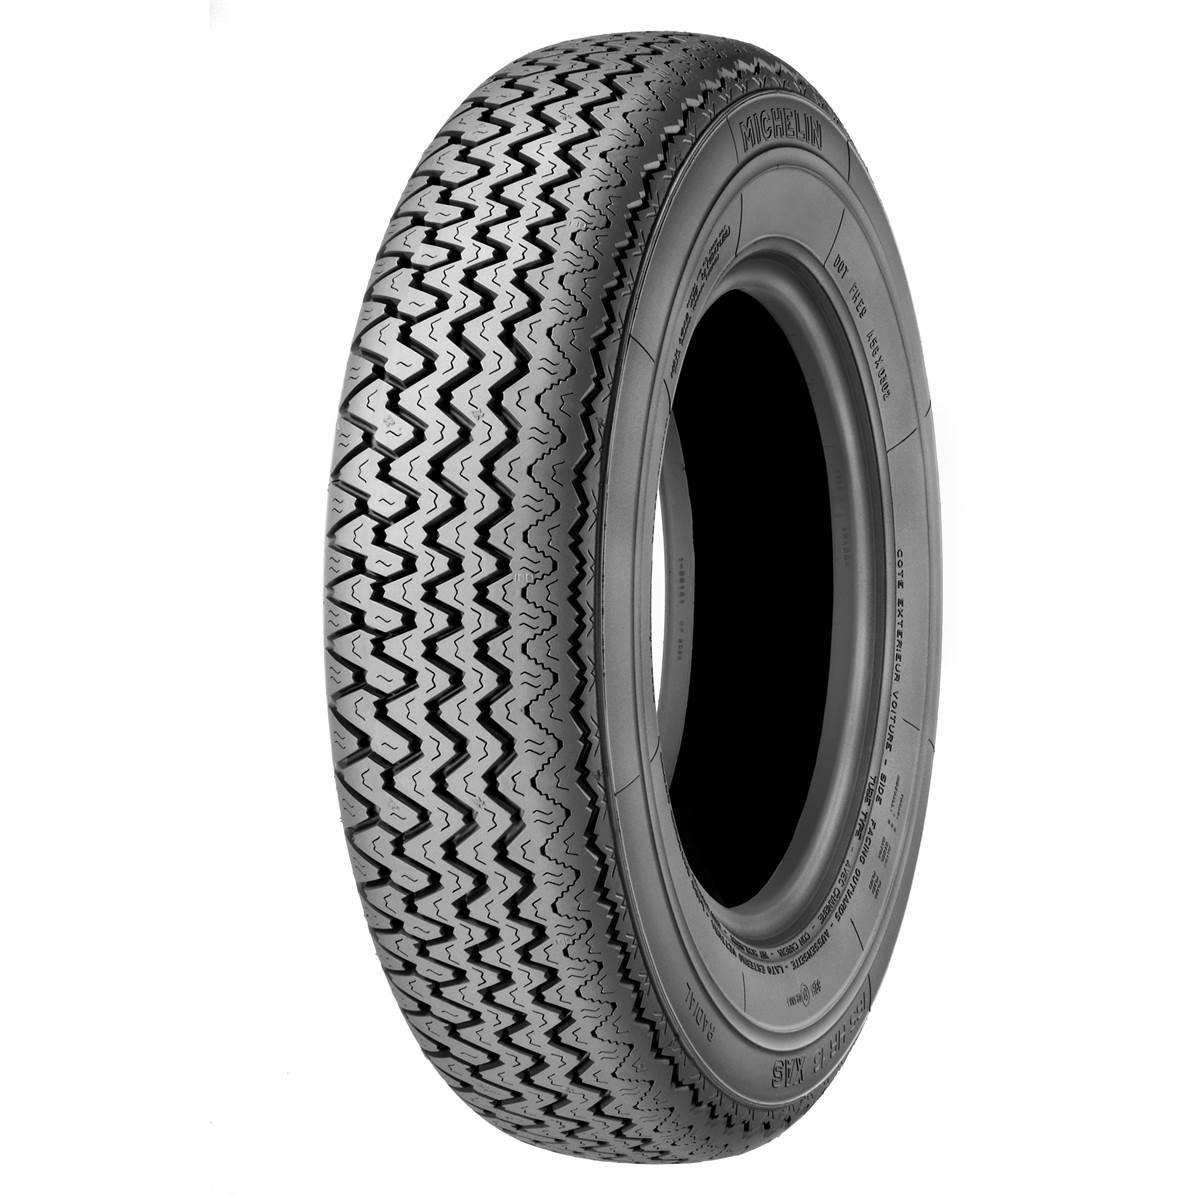 Pneu Michelin Collection 175/80R14 88H Xas